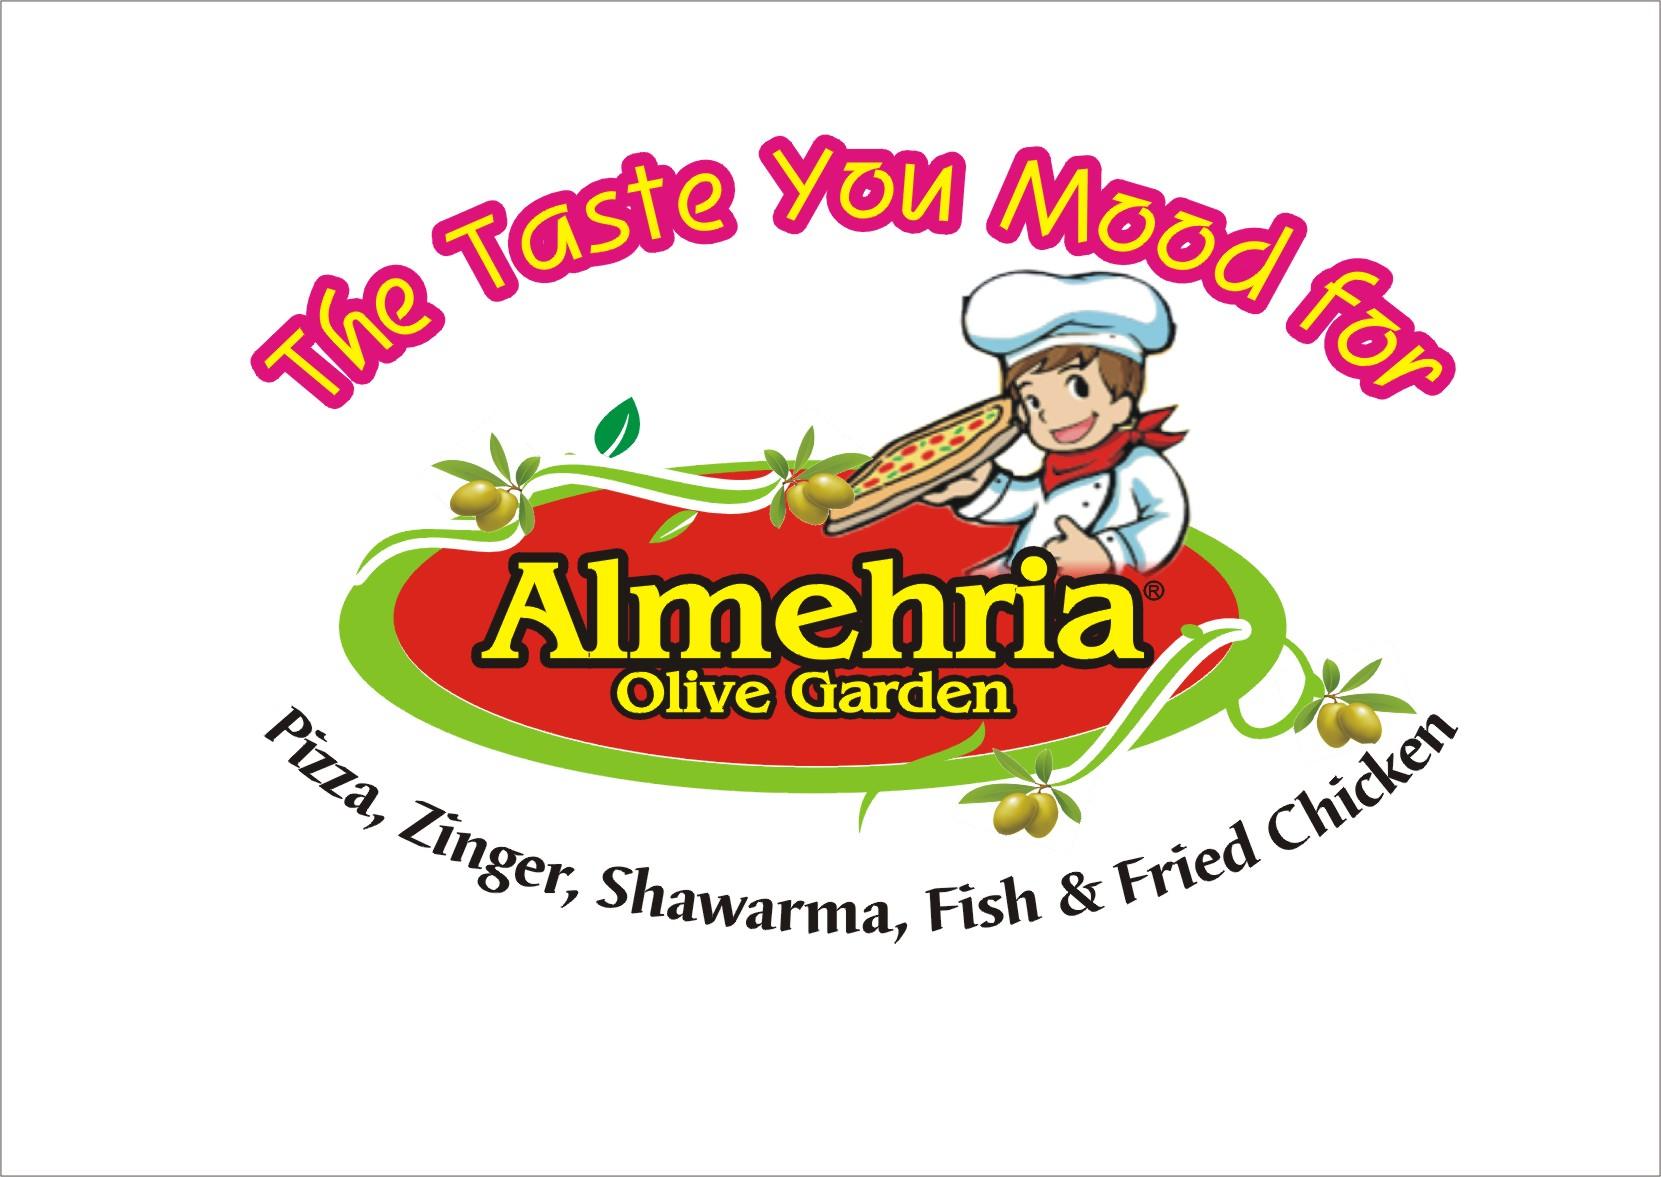 Almehria Olive Garden